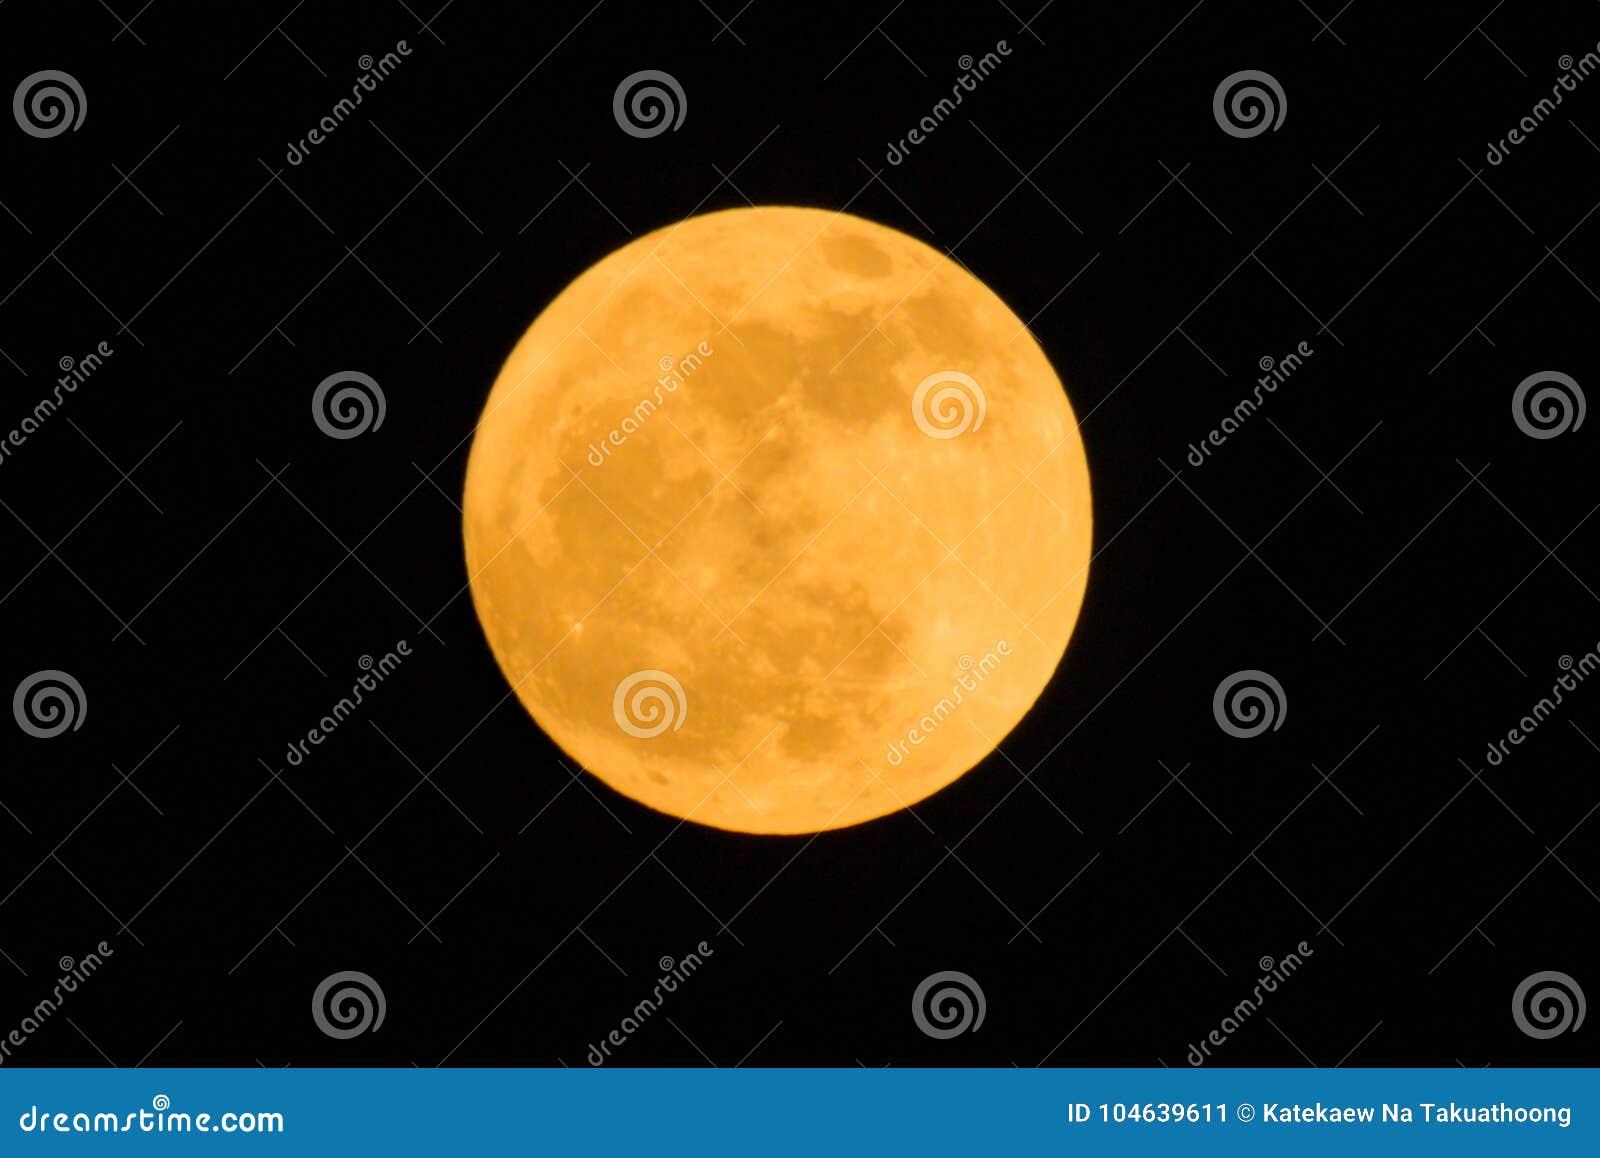 Download Detail van volle maan stock afbeelding. Afbeelding bestaande uit detail - 104639611